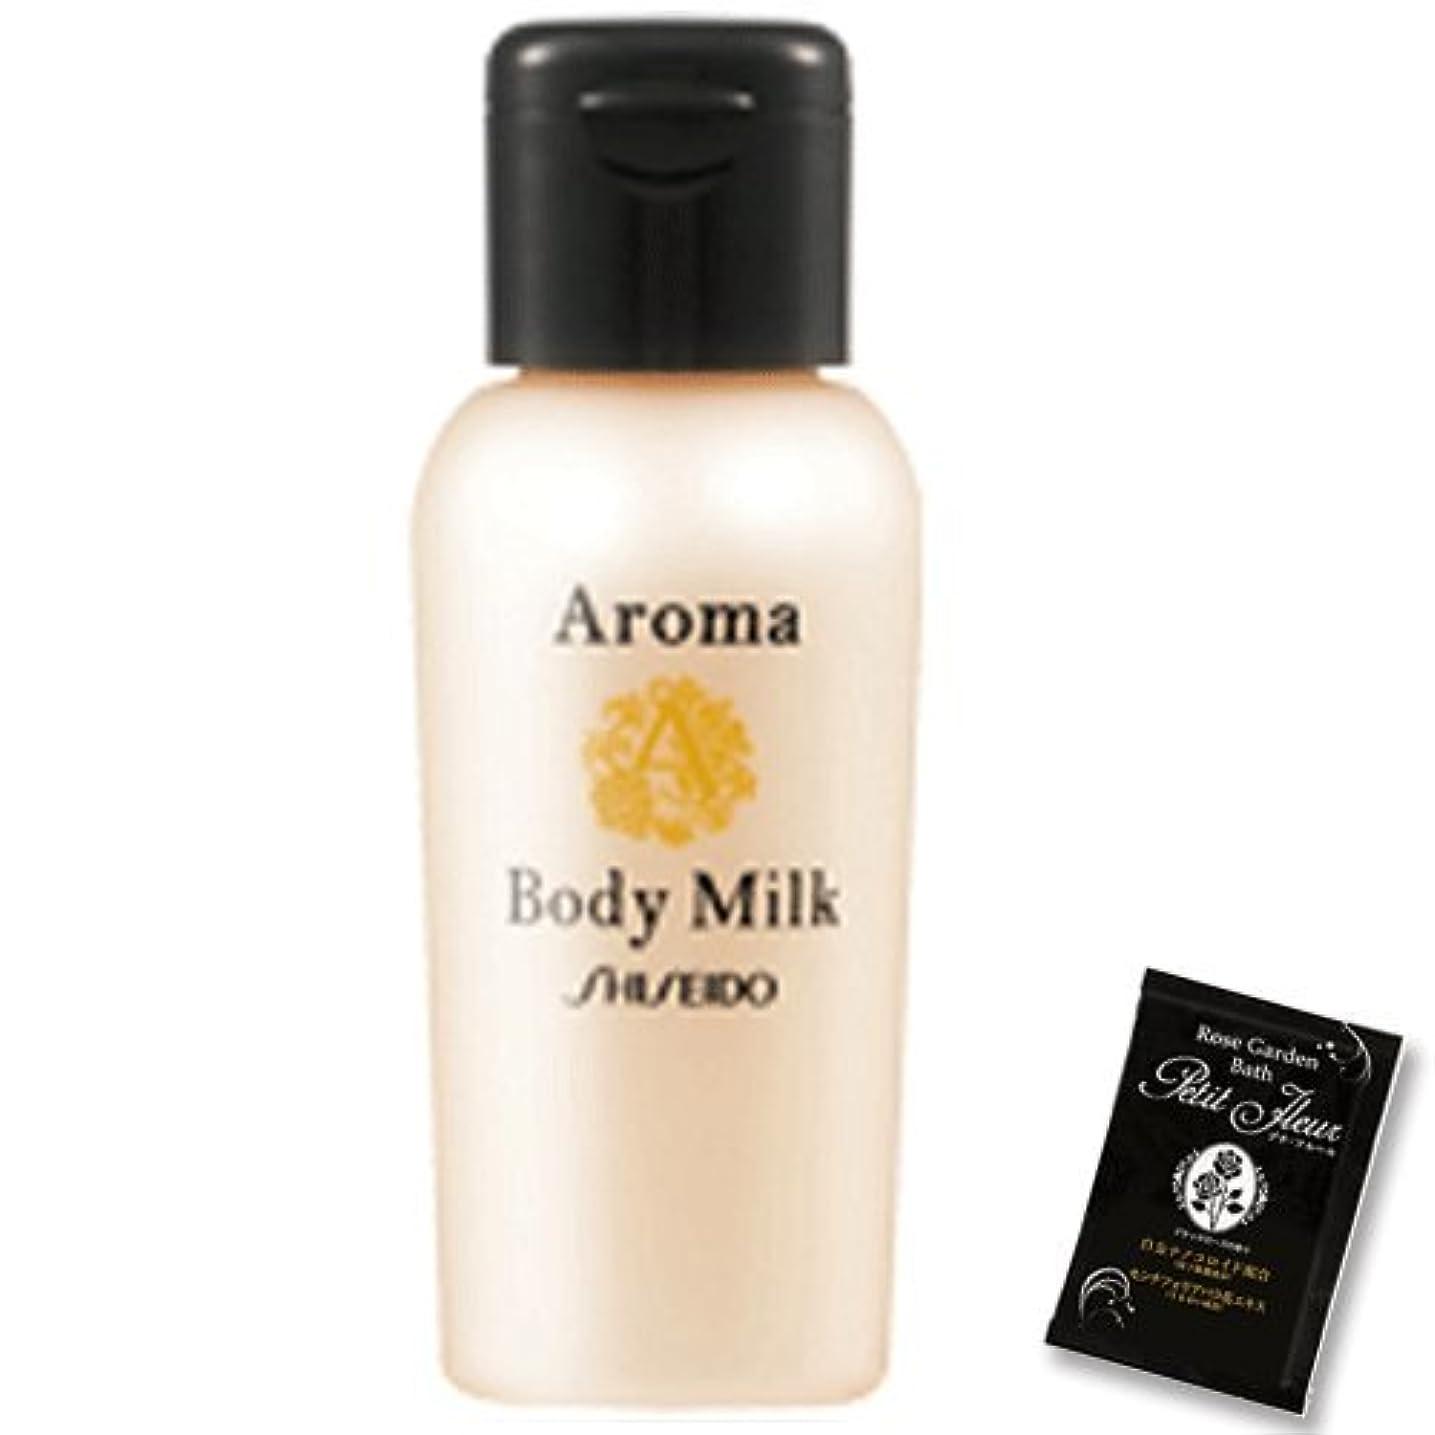 言及する世界的に簡単な資生堂 ジアメニティ アロマミルク 30ml ミニボトル + 入浴剤(プチフルール)付き